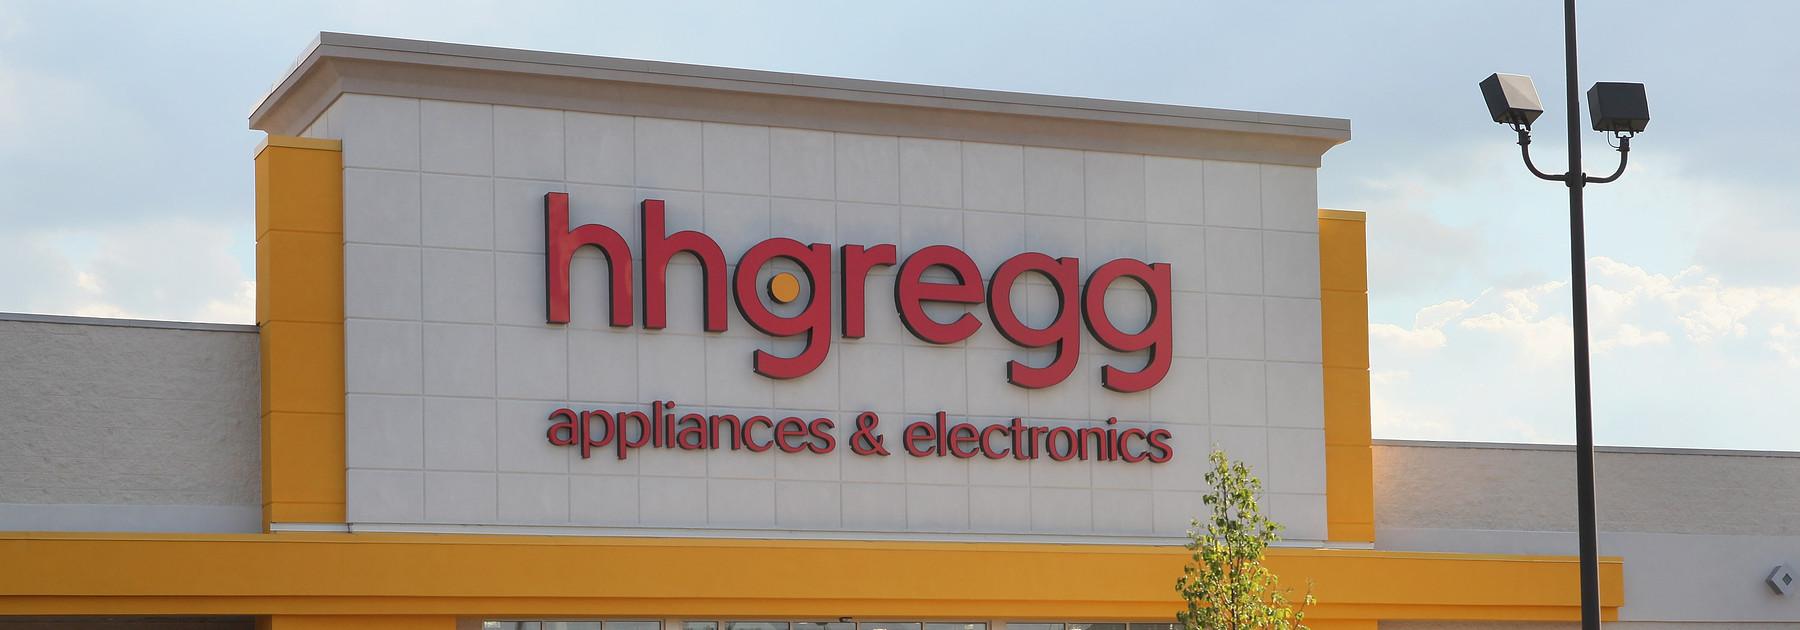 Retailer Hhgregg Sees Bankruptcy Deal Fall Apart.